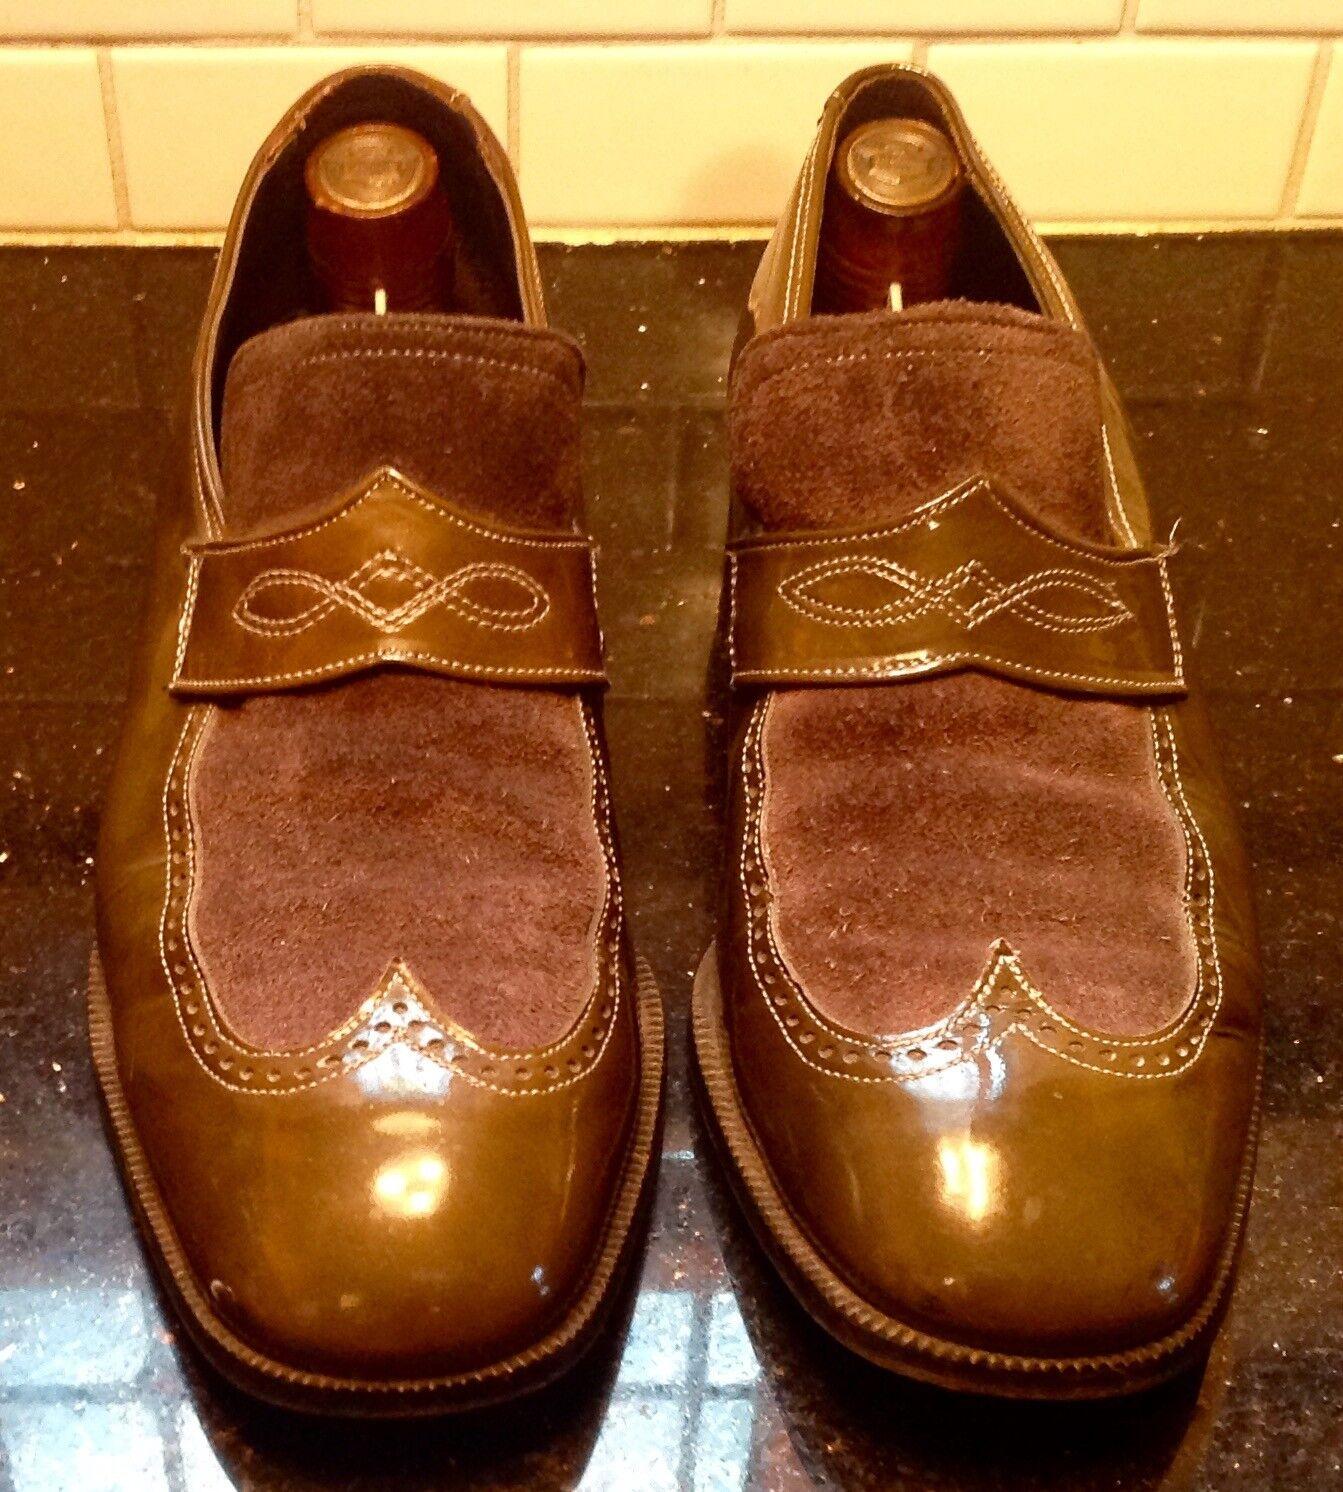 solo per te Vintage Uomo verde Suede and Patent Leather Wingtip scarpe scarpe scarpe  sz 8.5 D  all'ingrosso a buon mercato